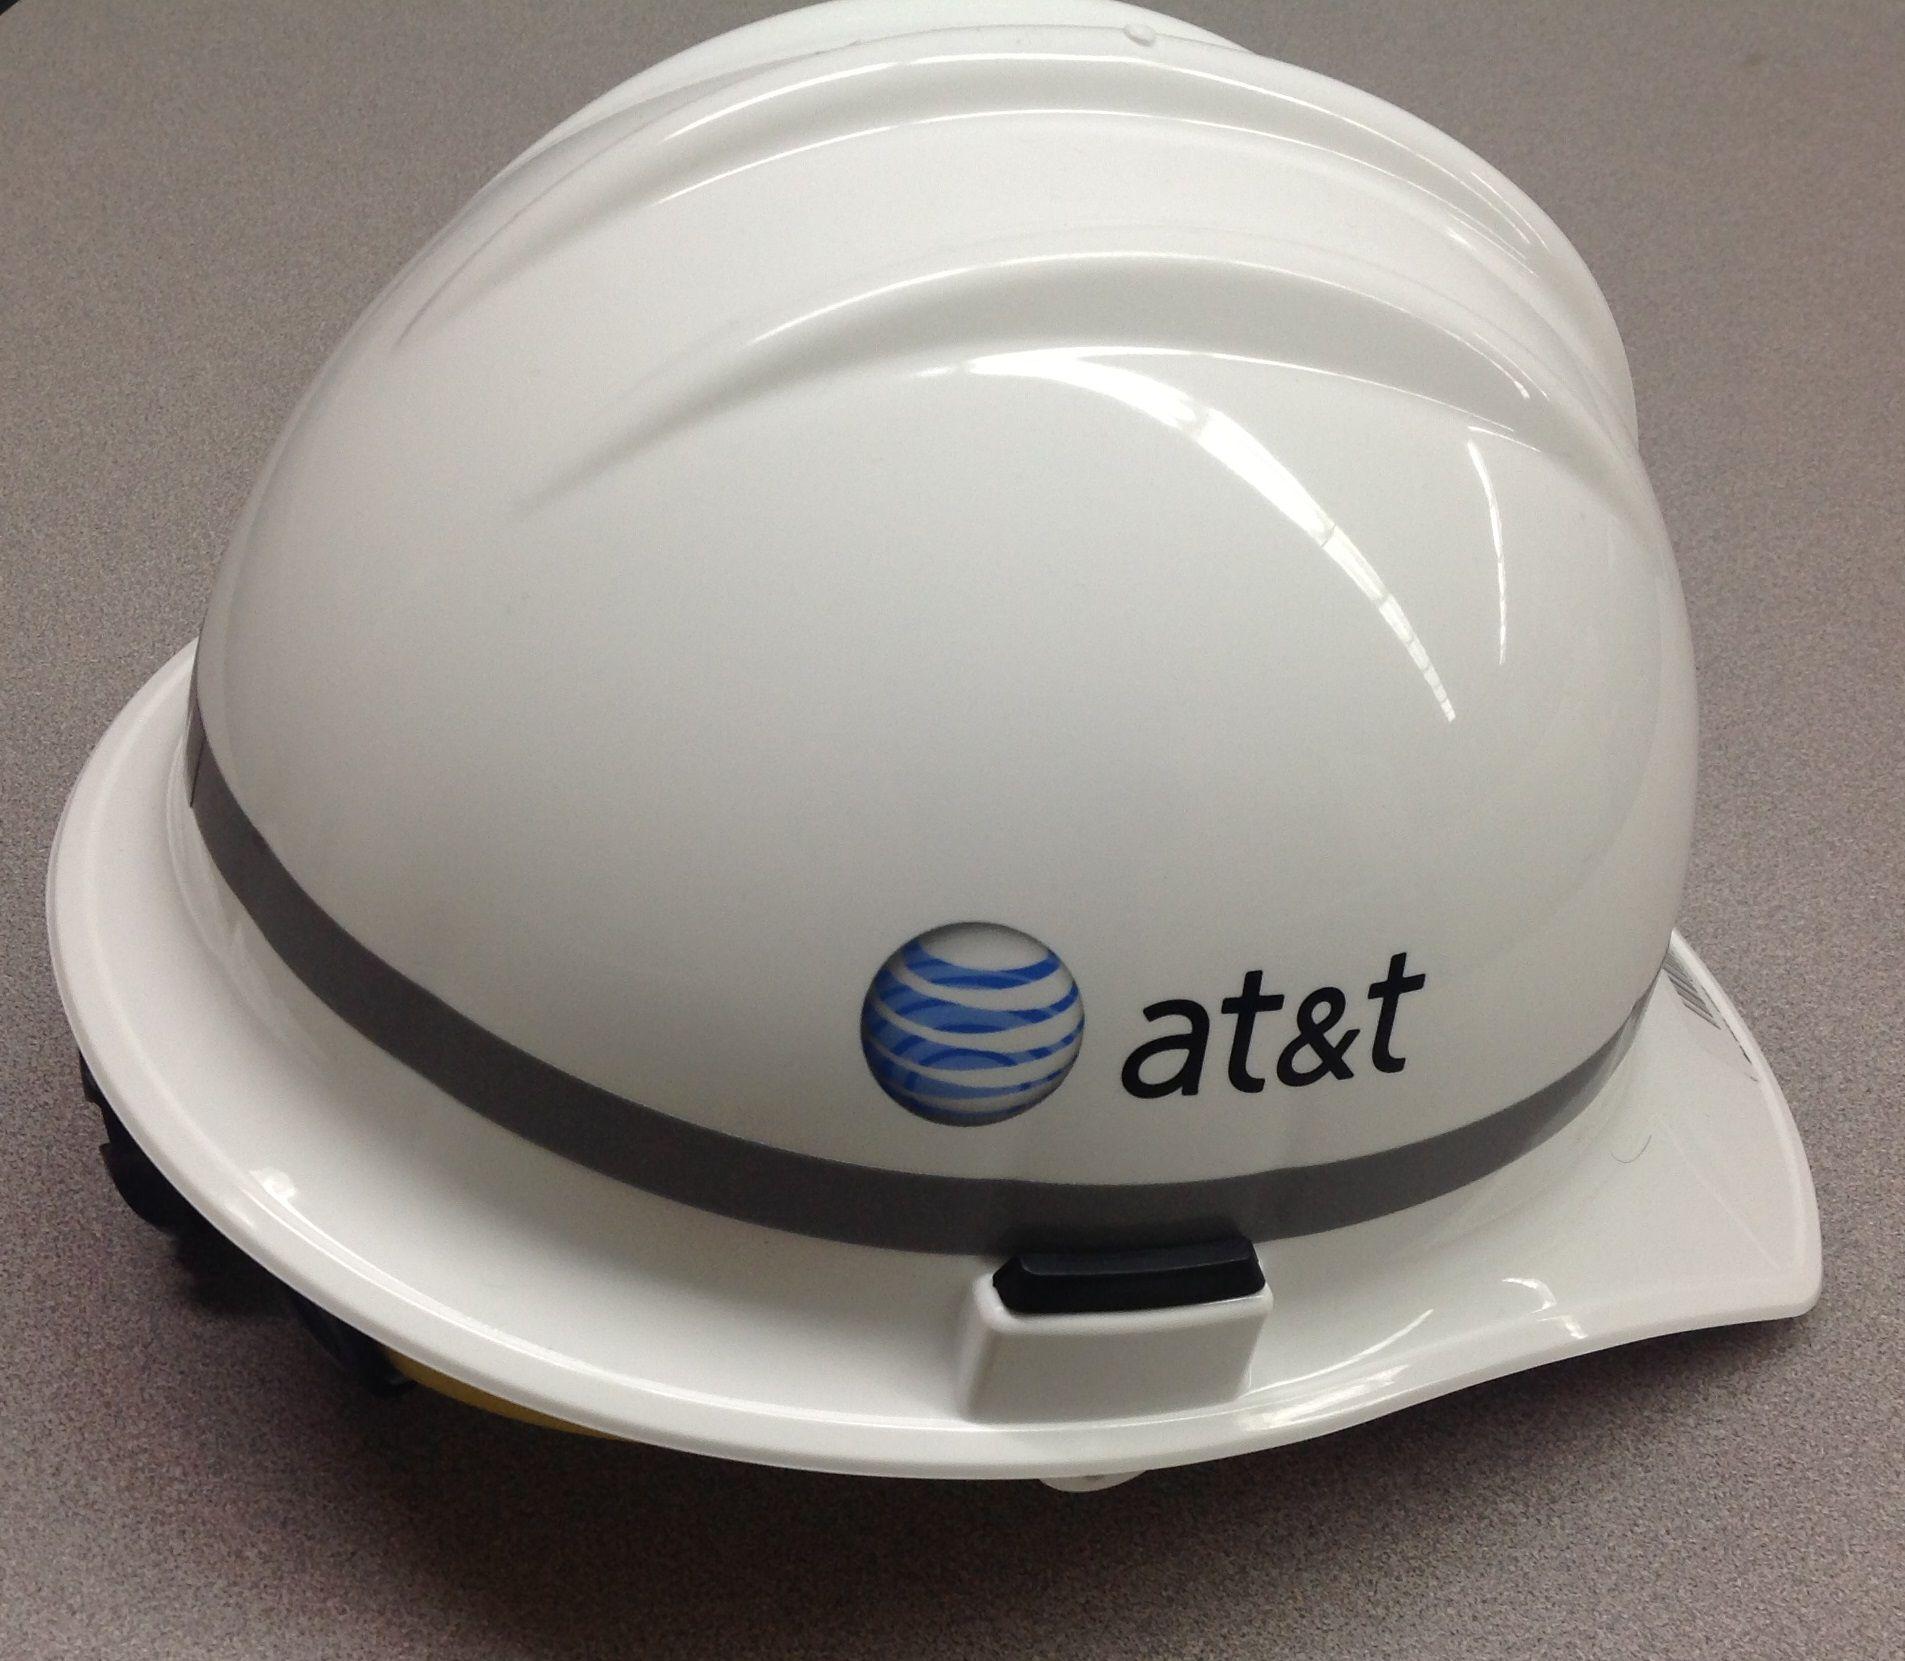 AT&T Hard hat (circa 2013). Telephone, Tools